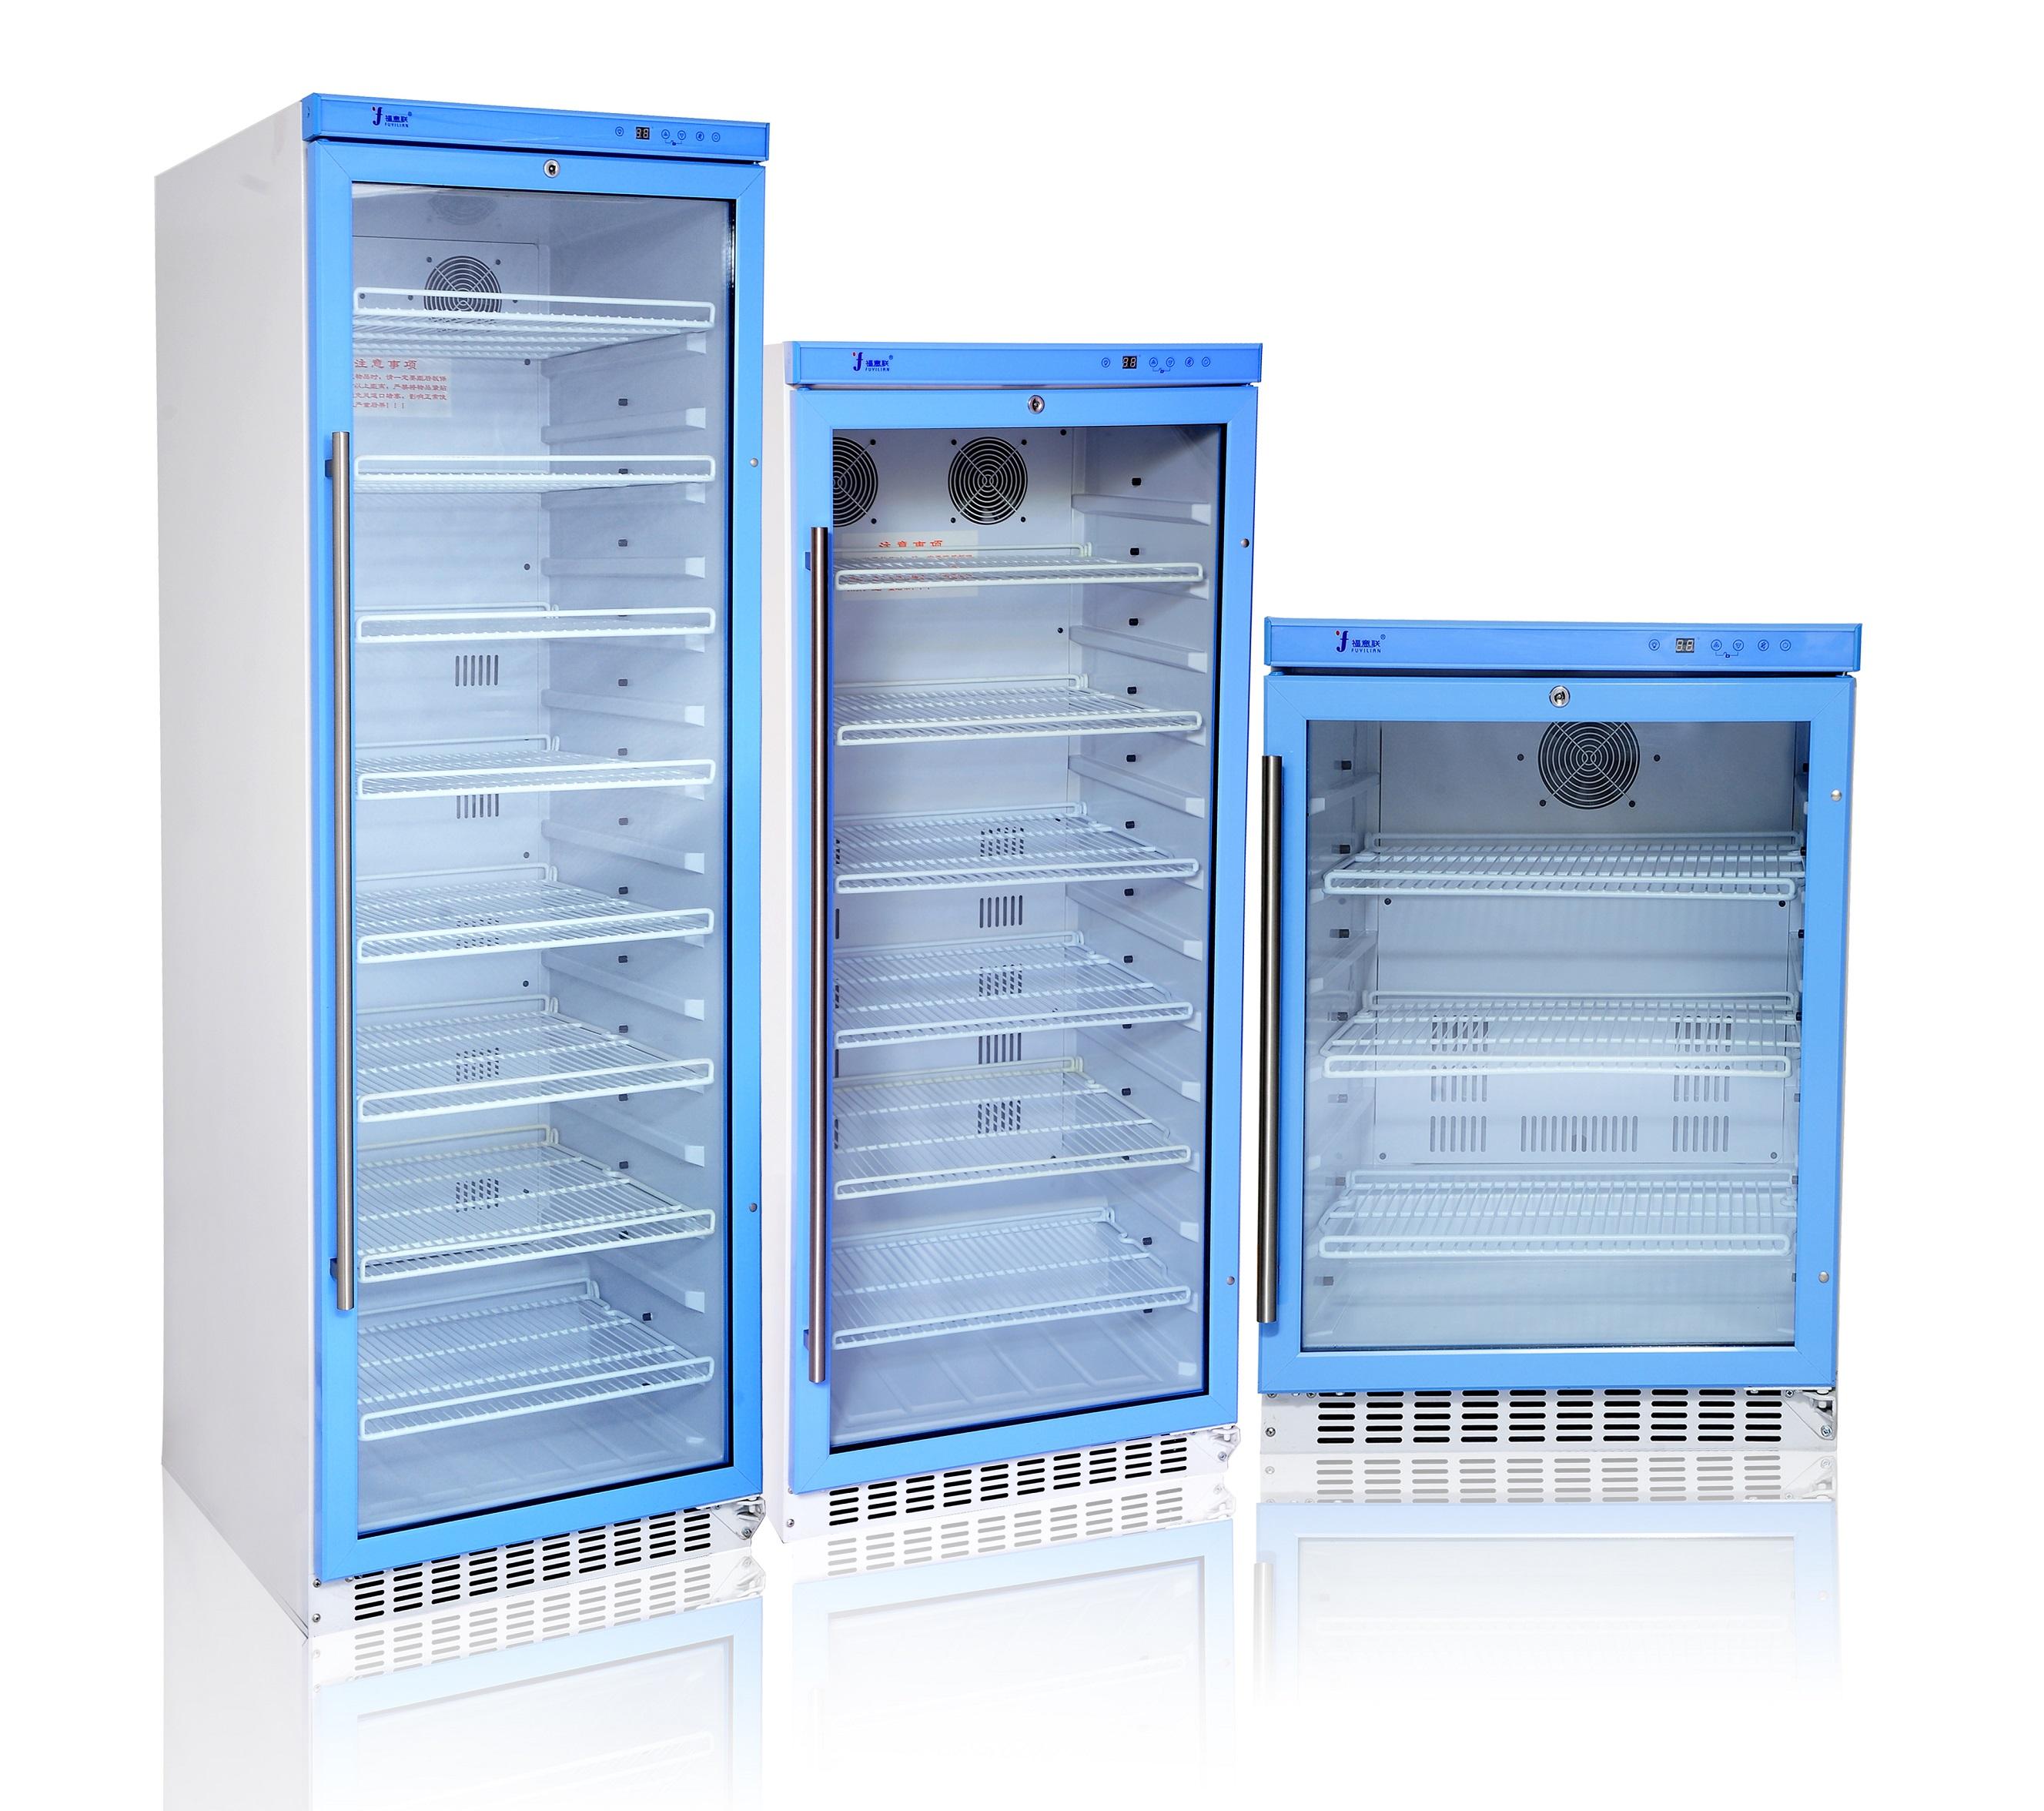 醫用冷藏冷凍冰箱(4度/-20度)